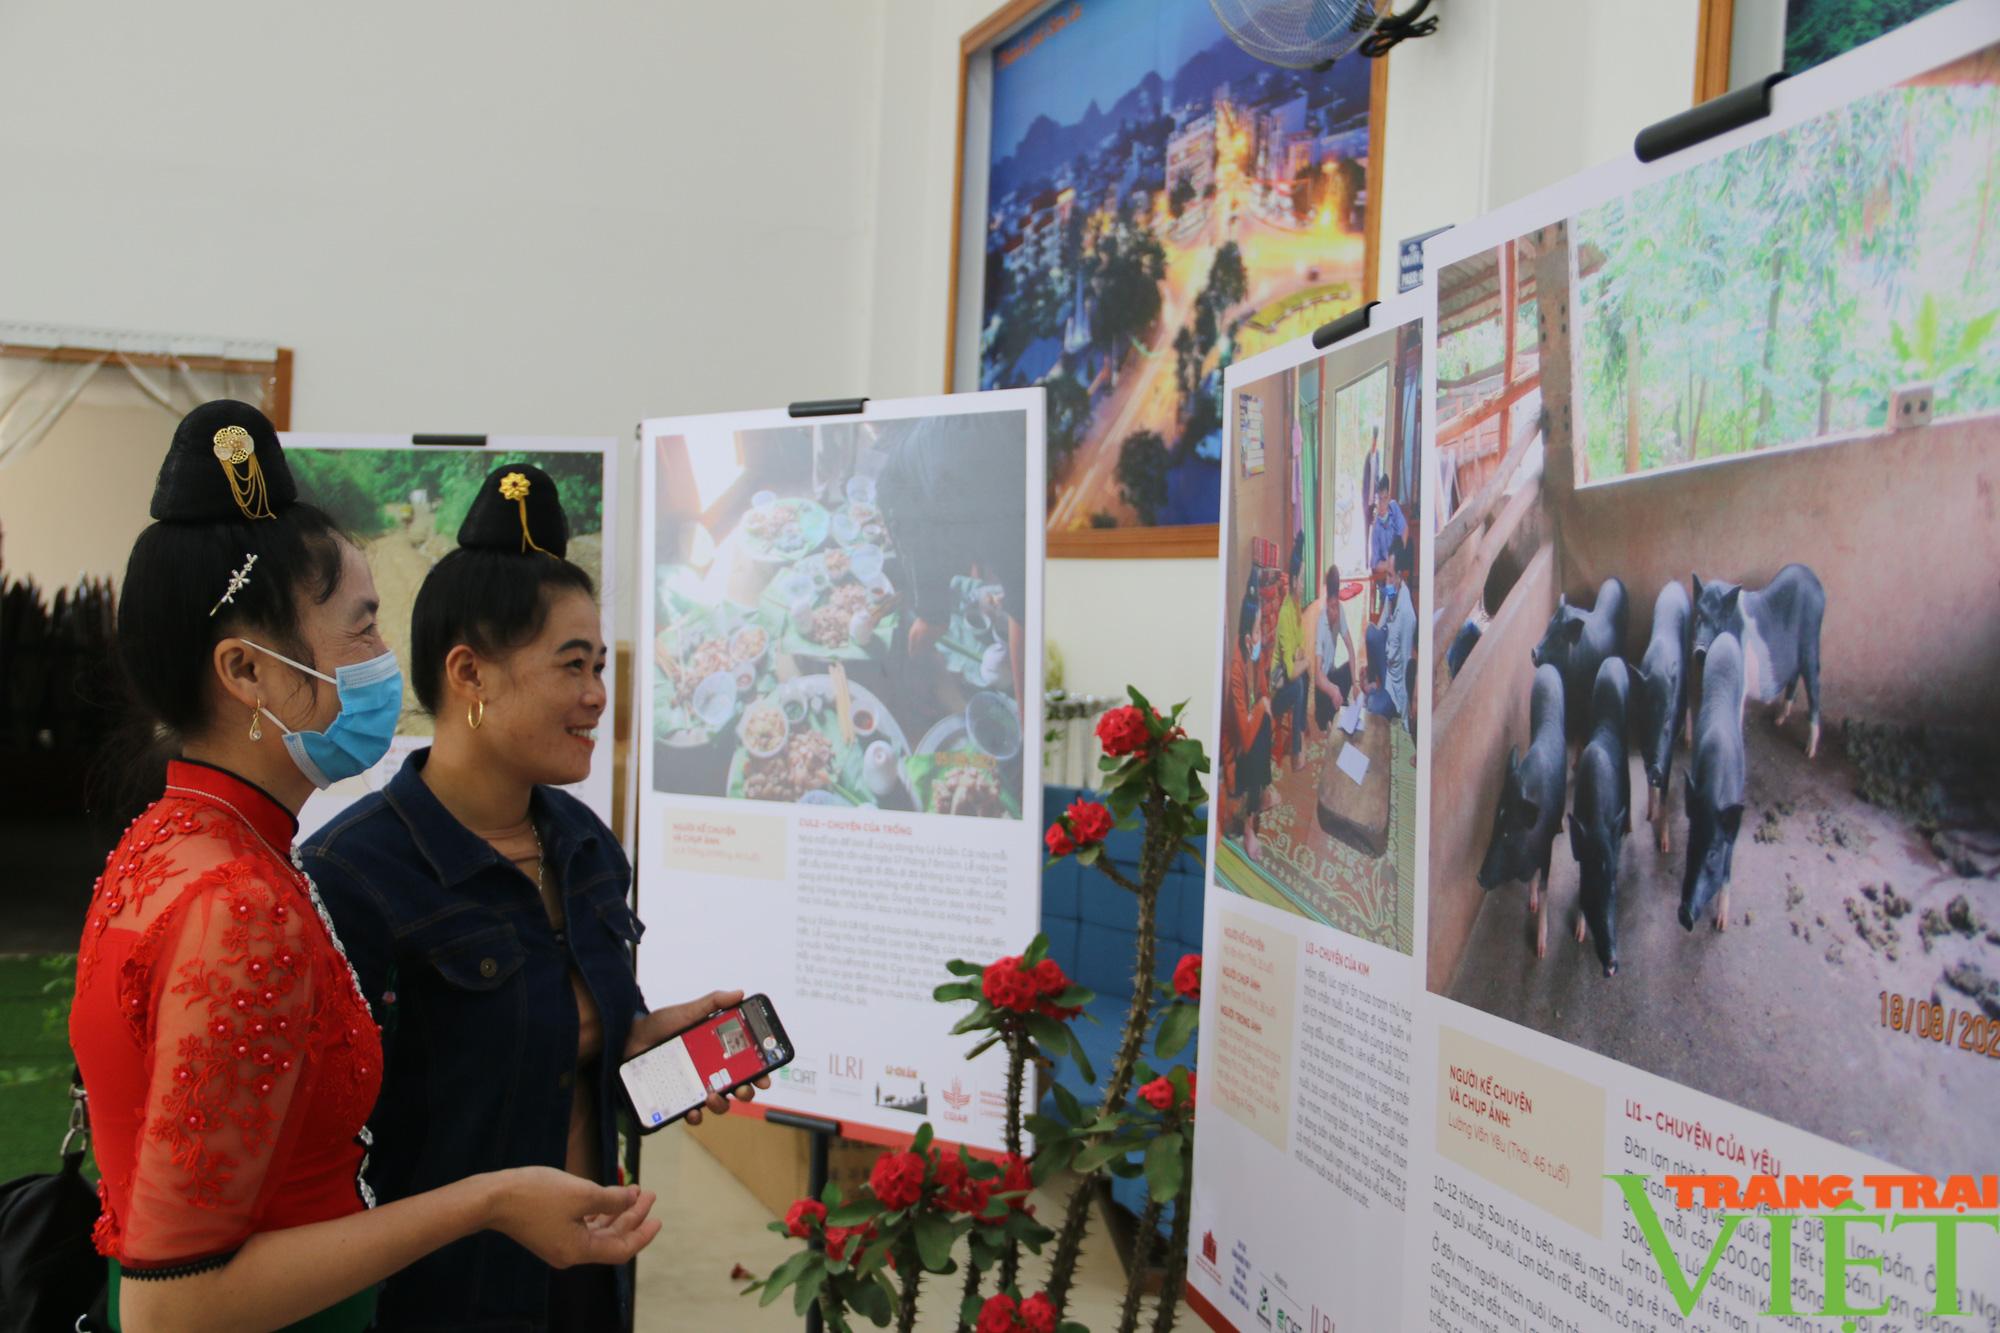 Khai mạc triển lãm chăn nuôi dưới góc nhìn của nghệ sĩ và nông dân  - Ảnh 1.